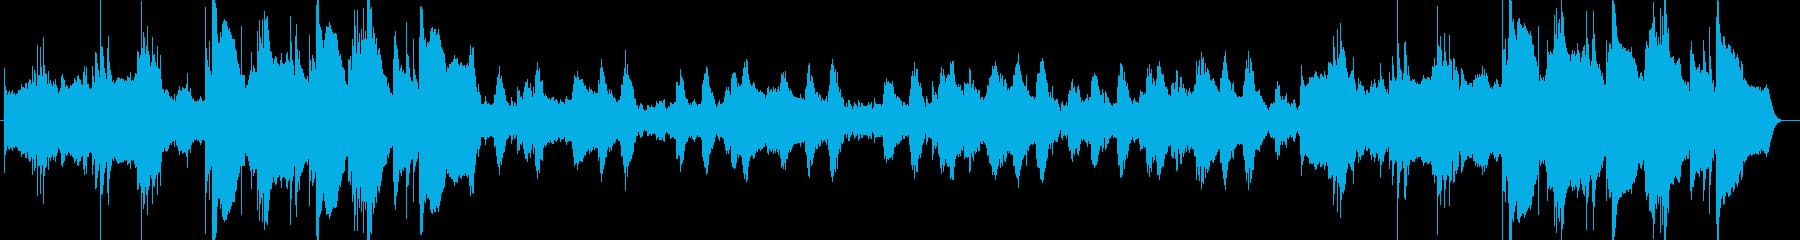 神秘的なヒーリングのピアノサウンド楽曲の再生済みの波形